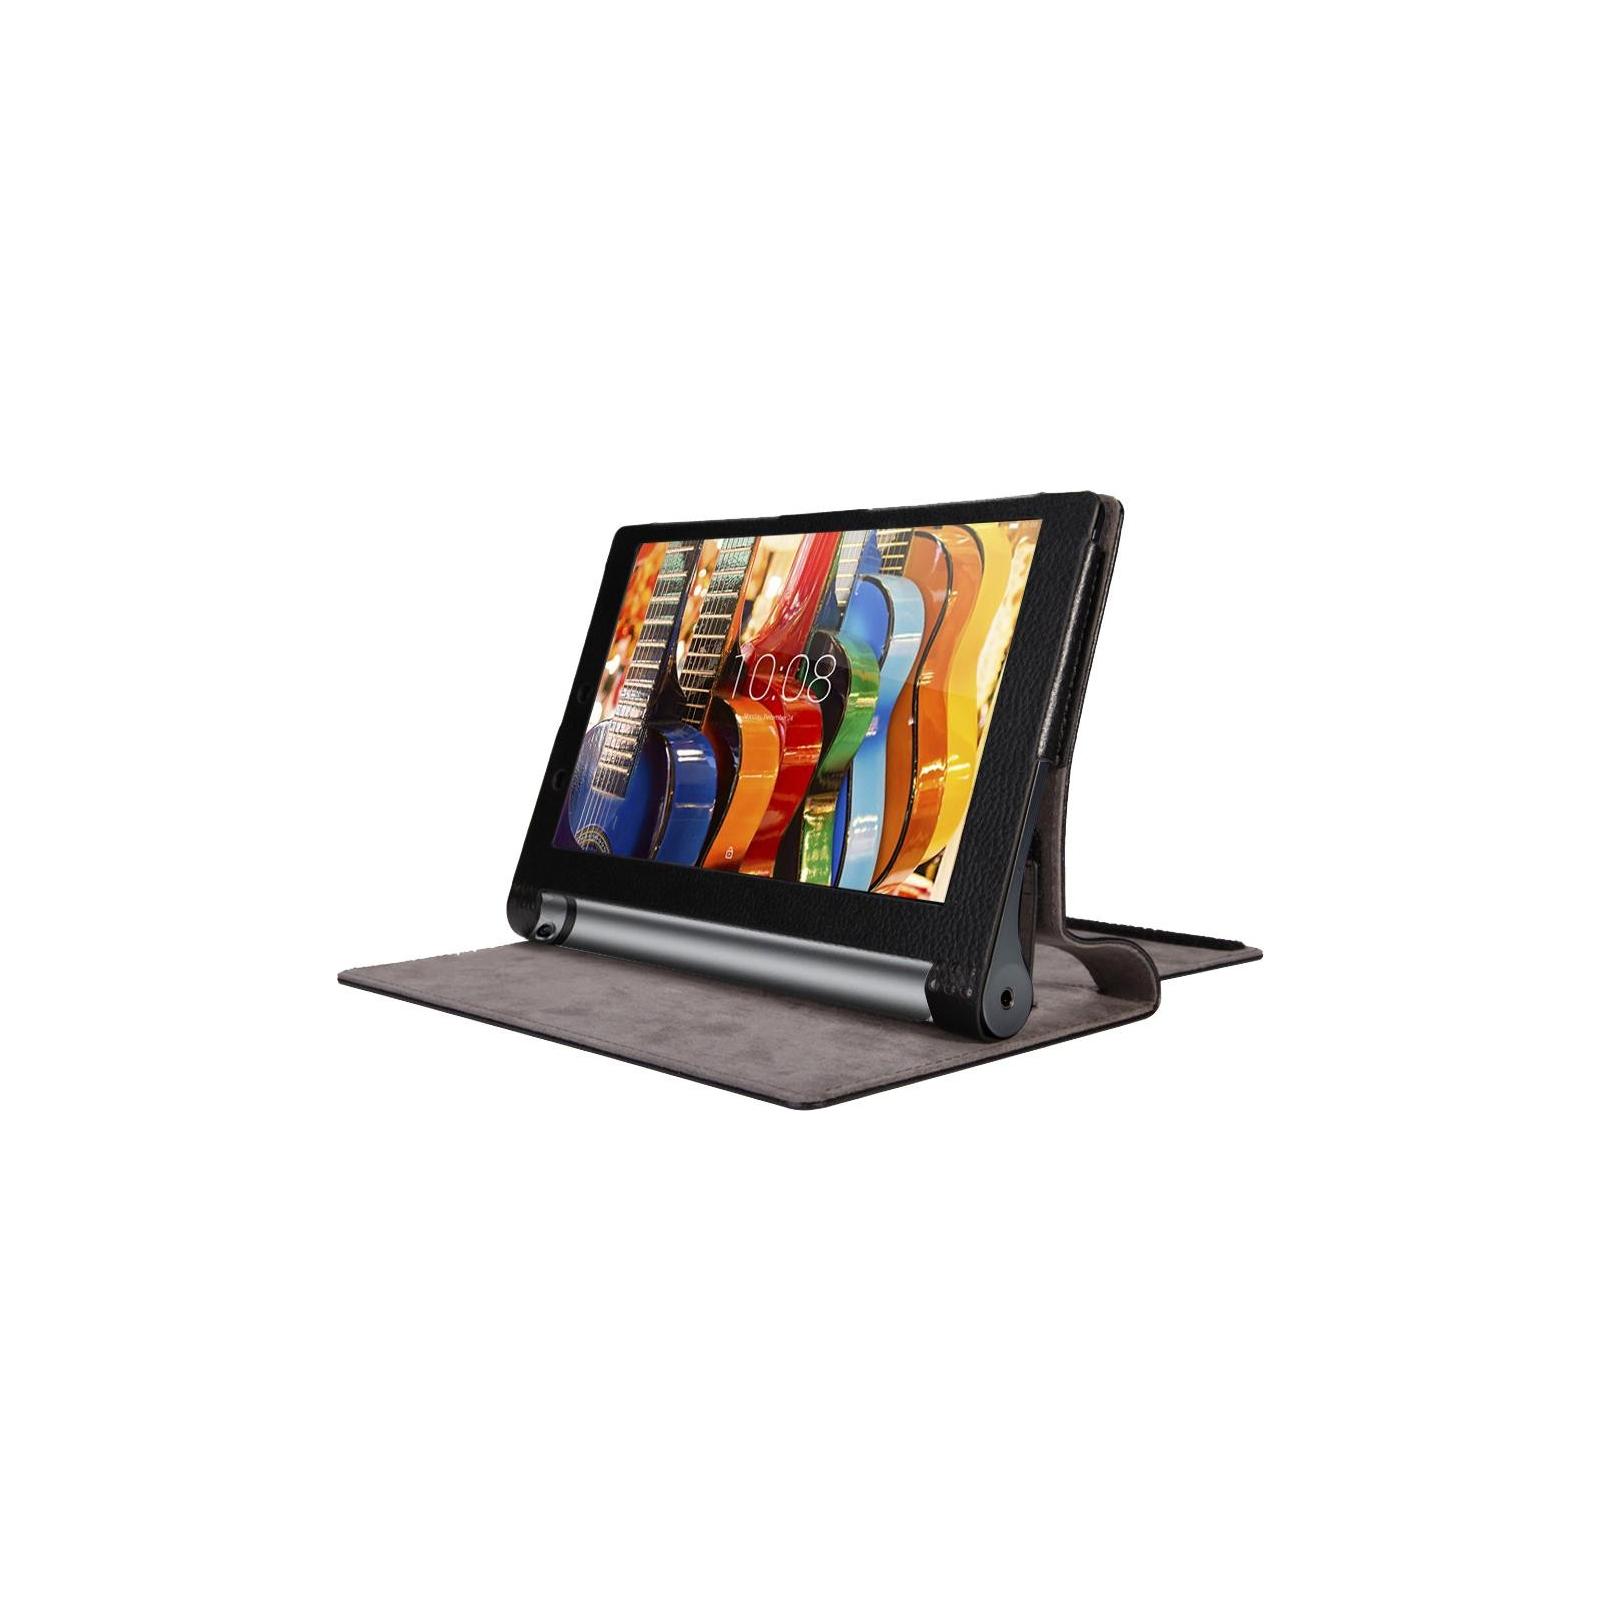 Чехол для планшета AirOn для Lenovo YOGA Tablet 3 8'' black (4822352770303) изображение 5